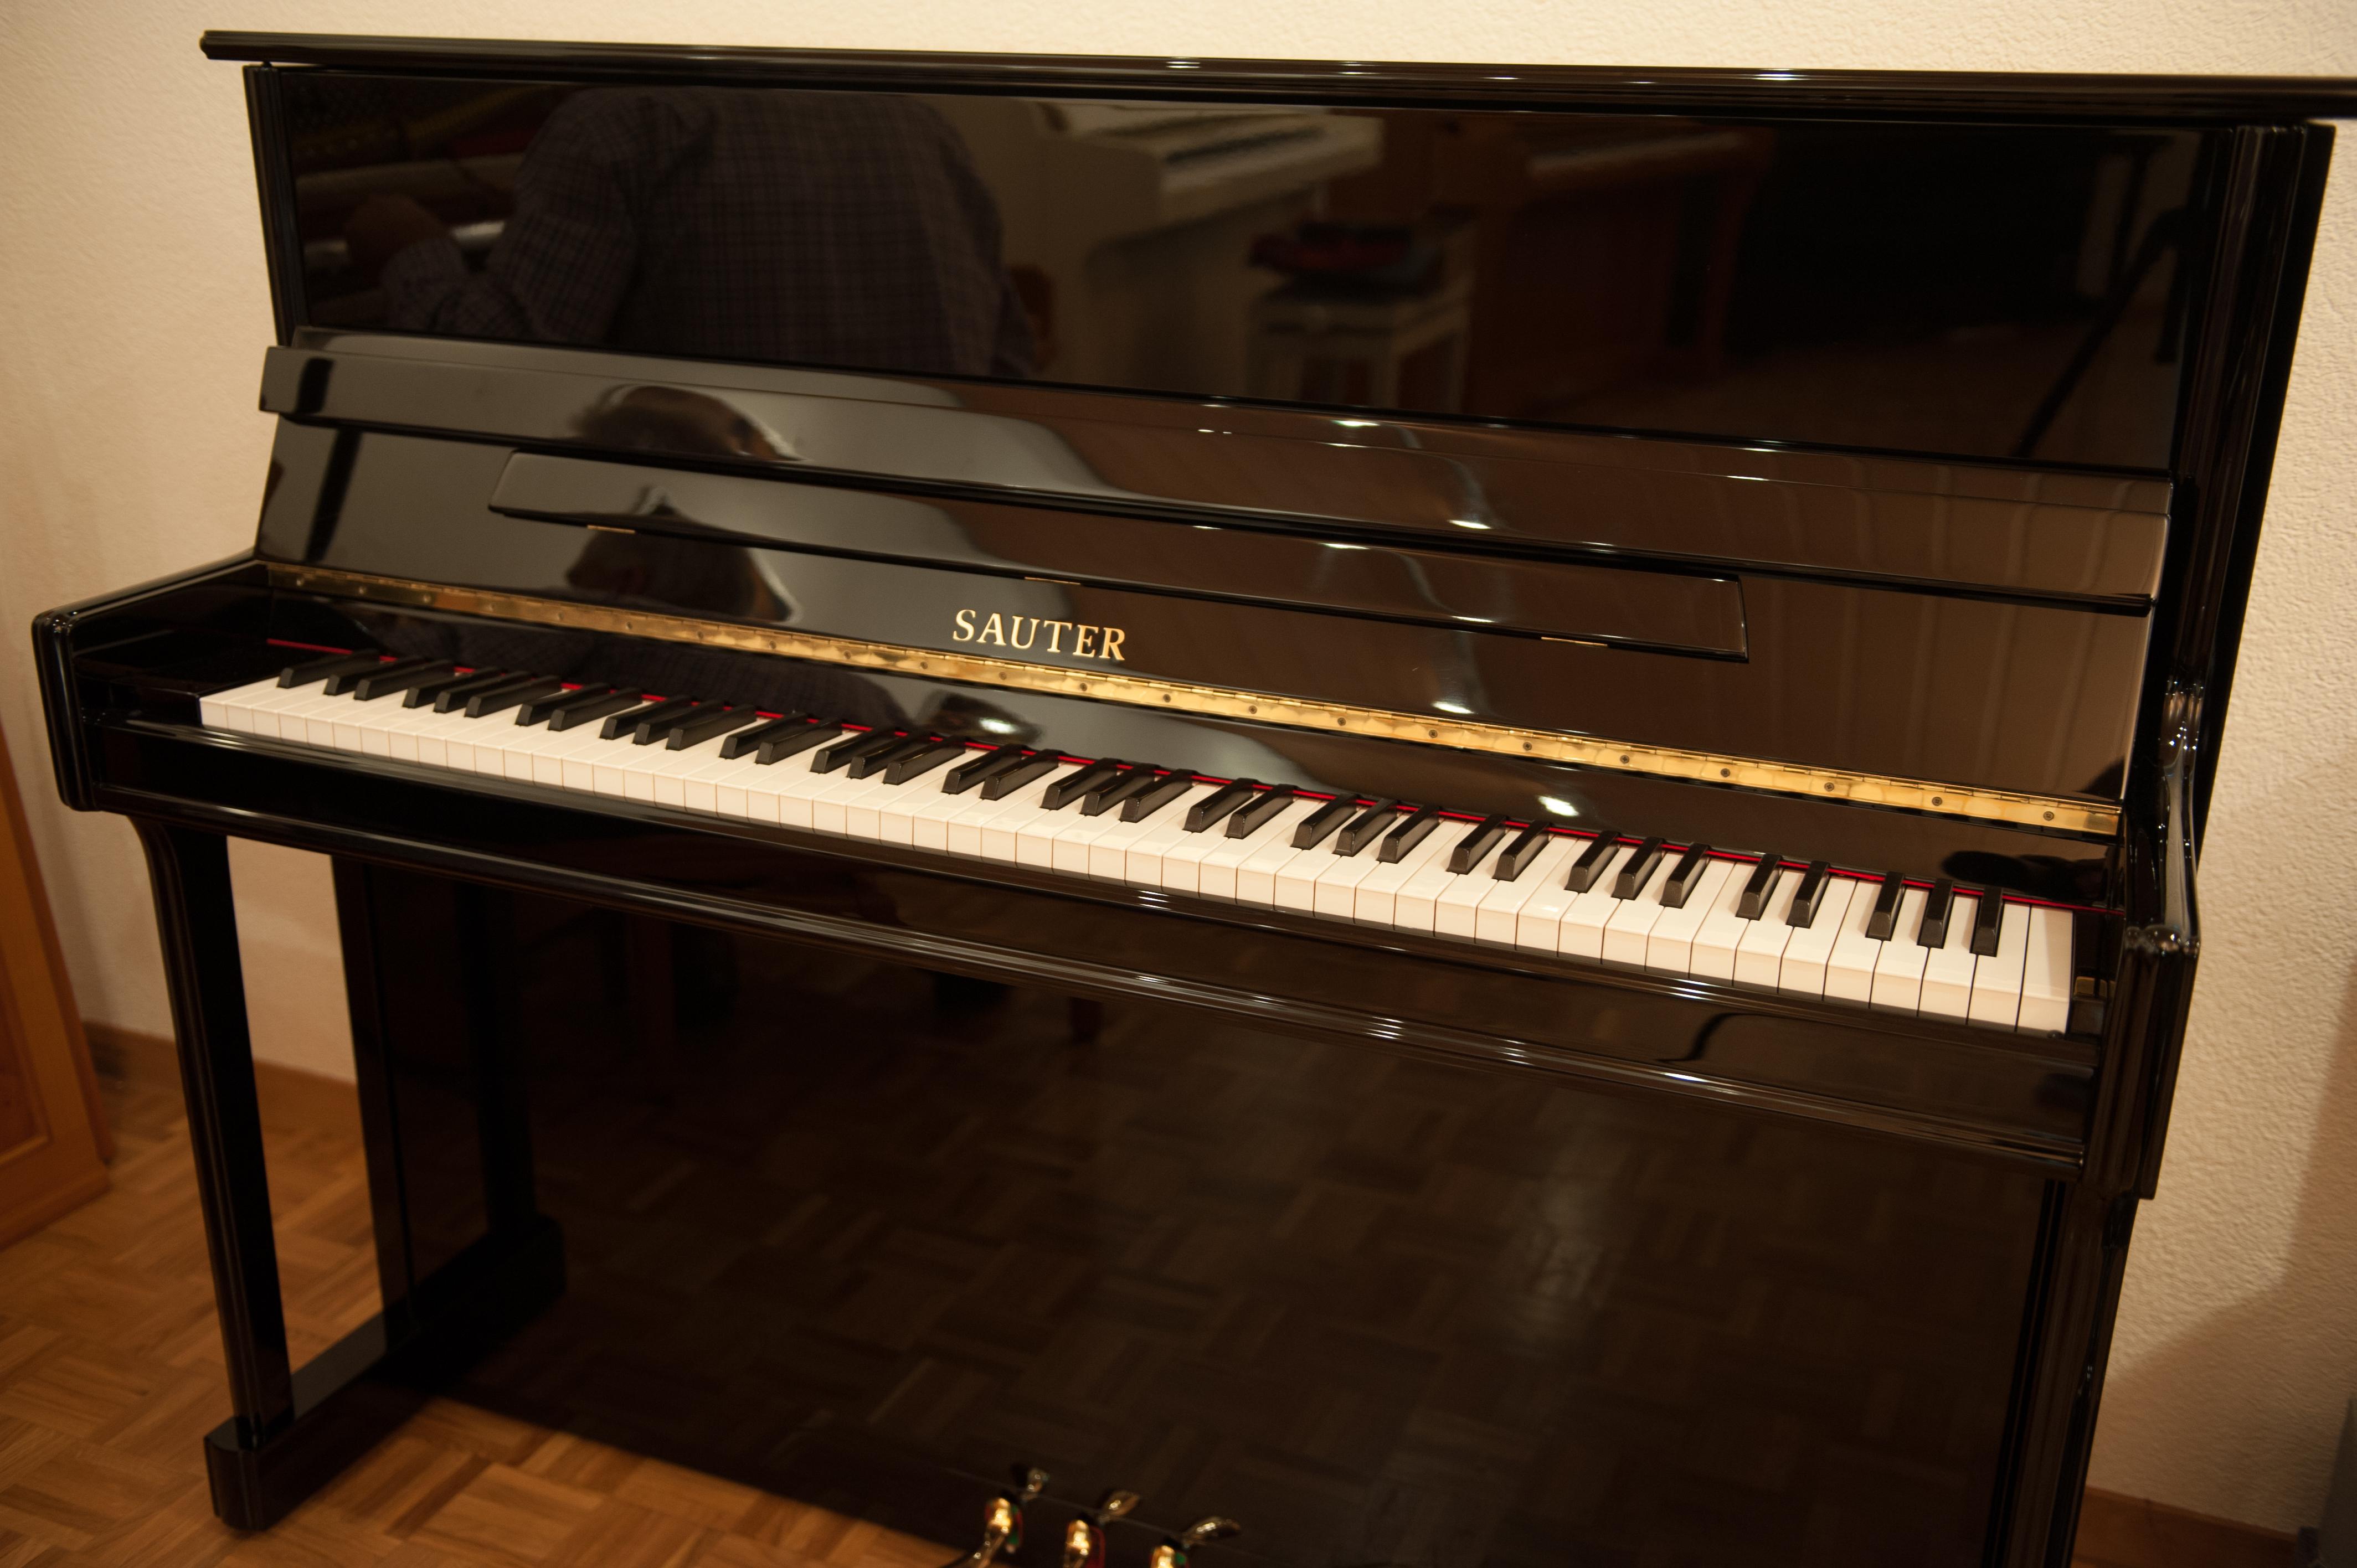 Sauter klavier gebraucht